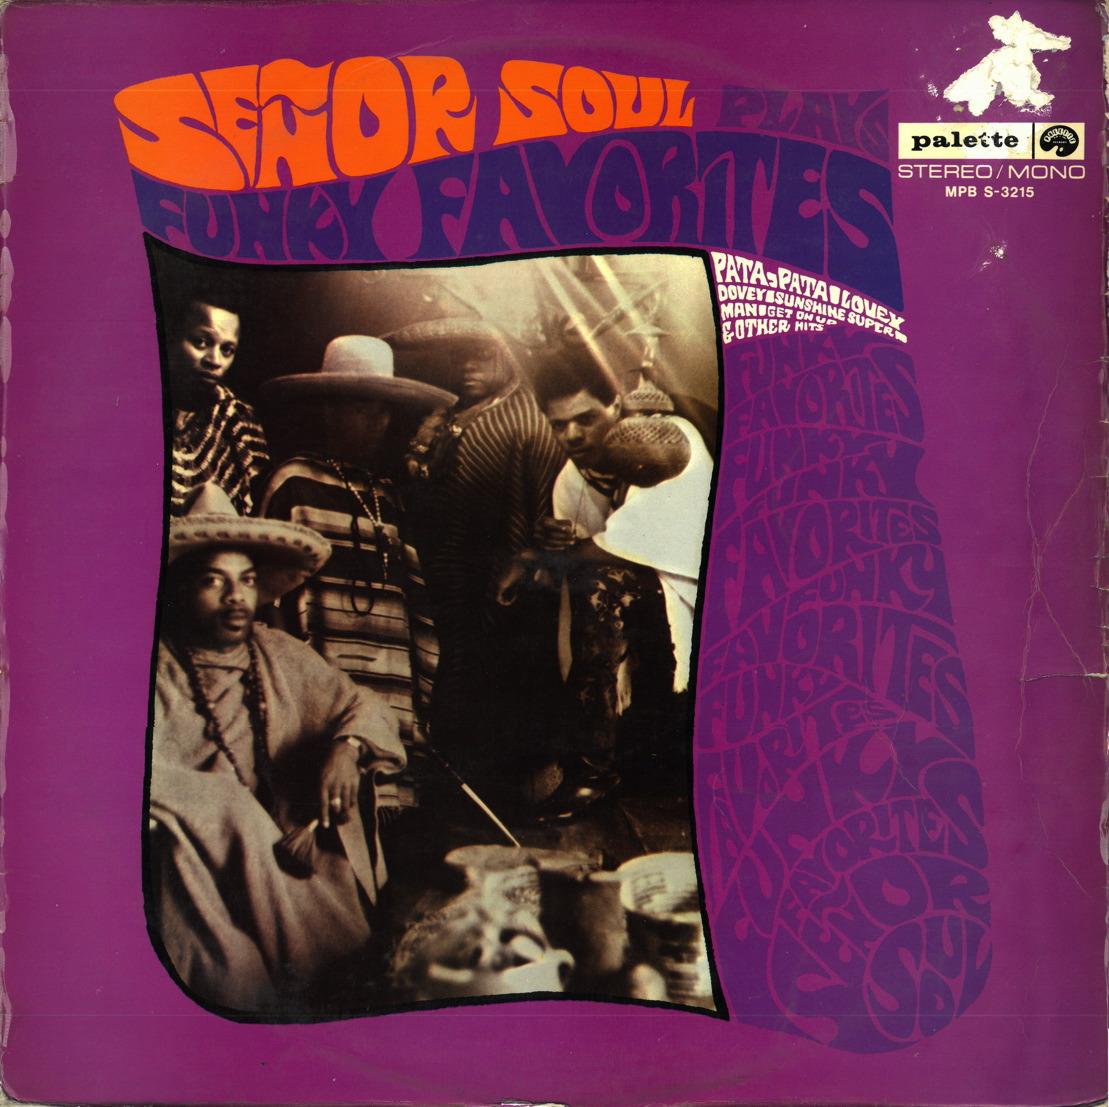 Senor Soul